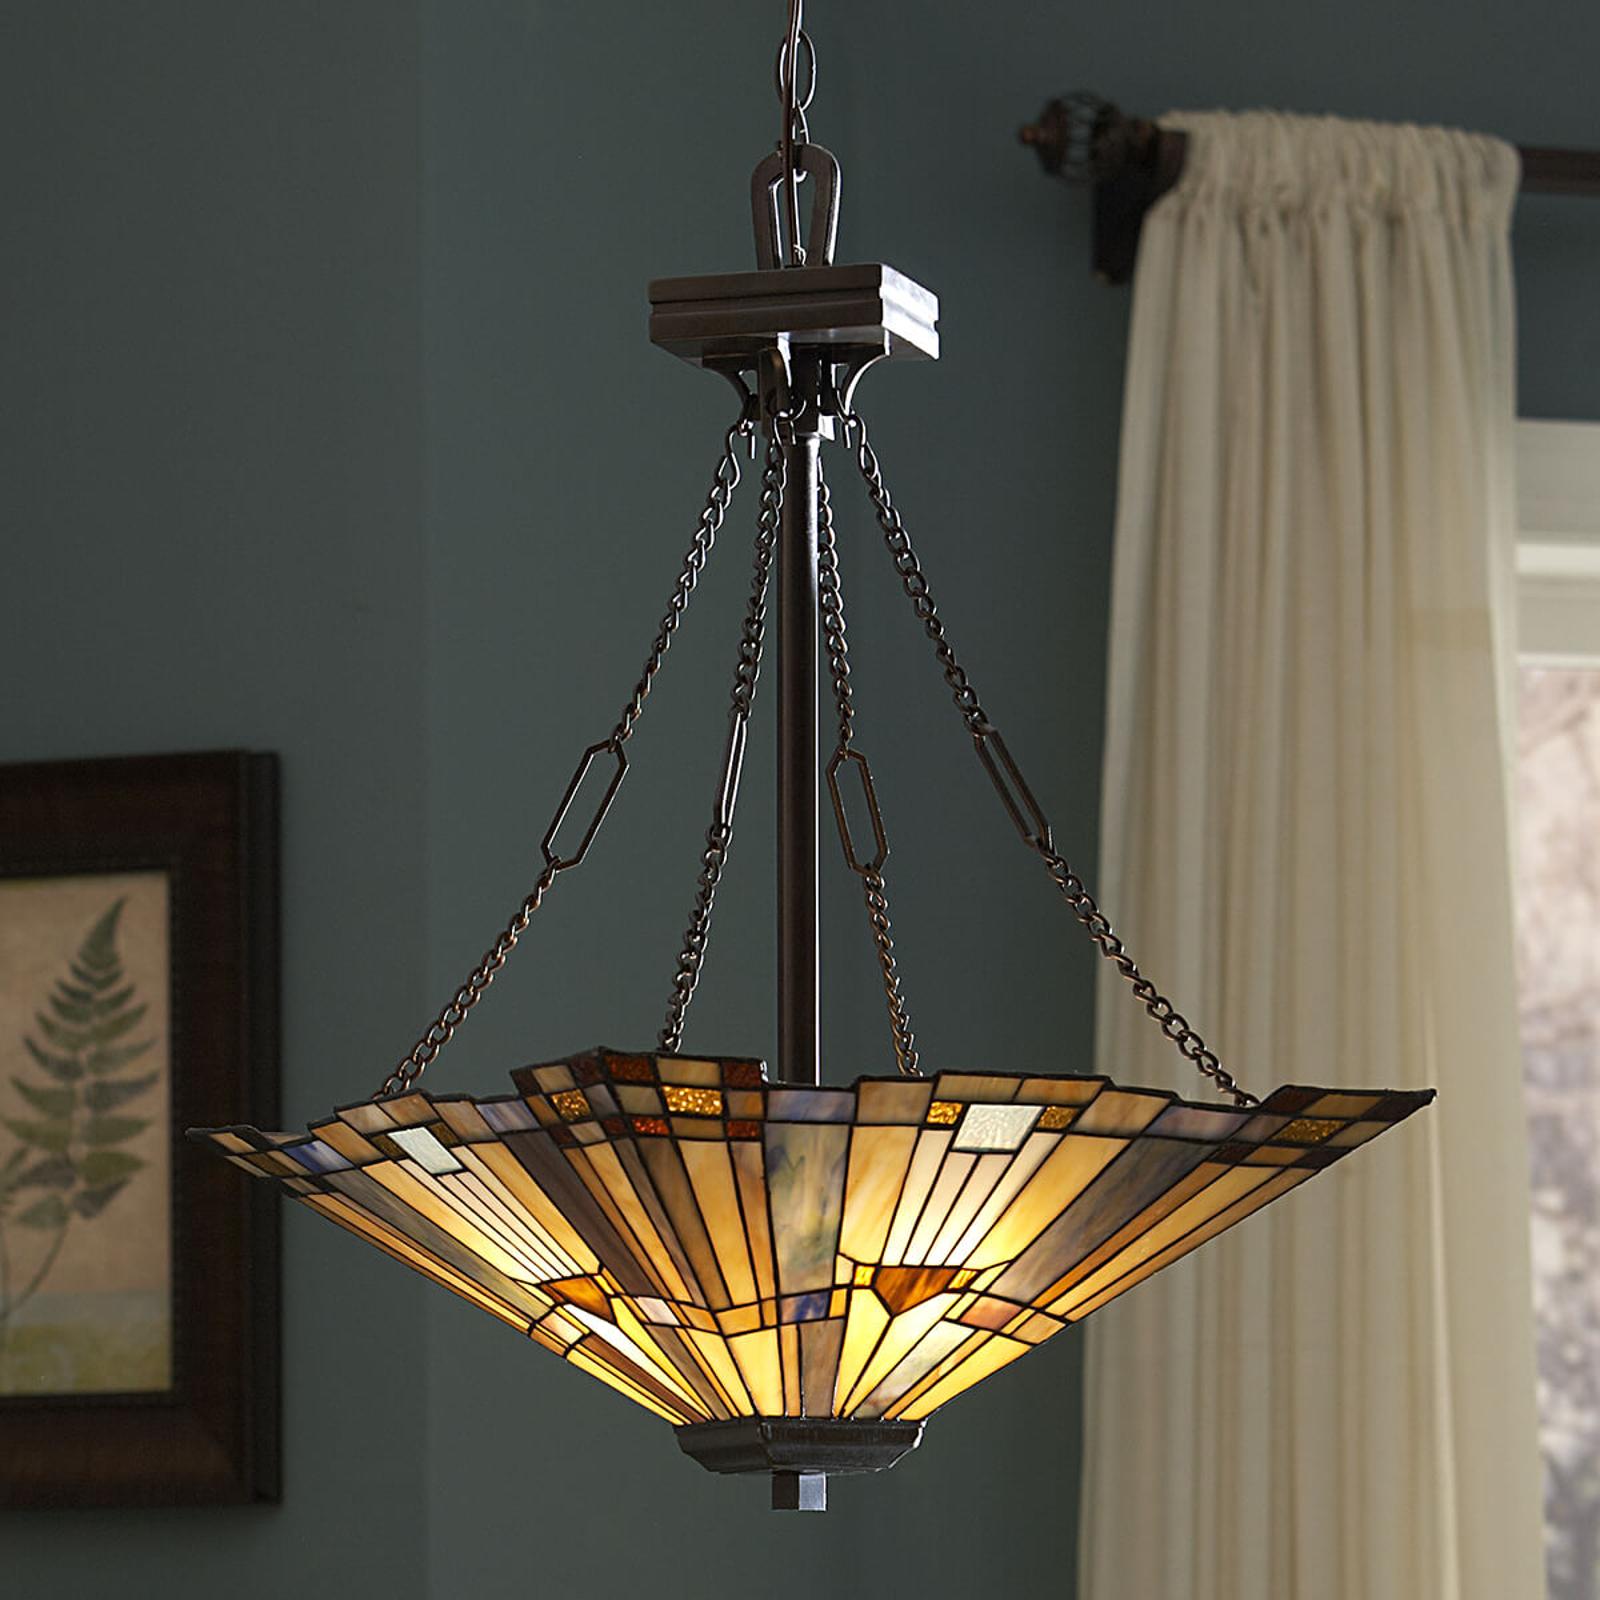 Lámpara de suspensión Inglenook